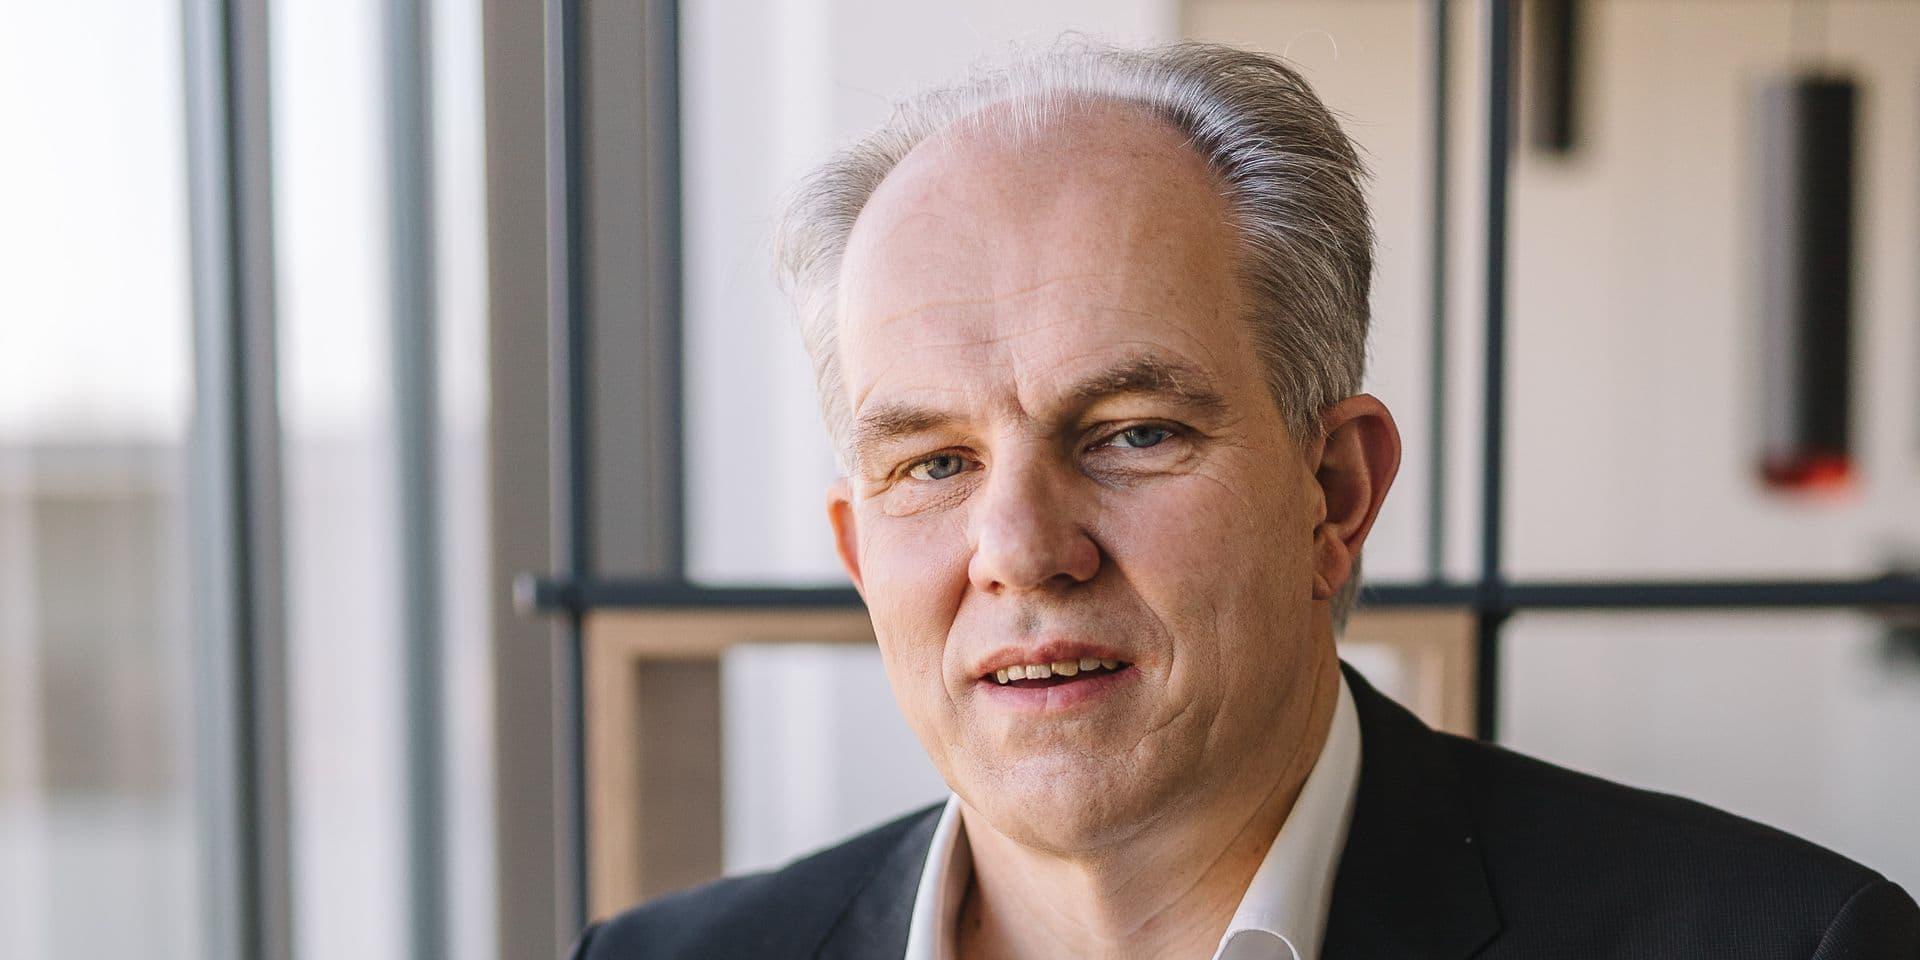 Philippe Chevalier, président et premier actionnaire de N-Side, dont plus de la moitié des entreprises du top 20 mondial de l'industrie pharmaceutique utilise les algorithmes d'optimisation.